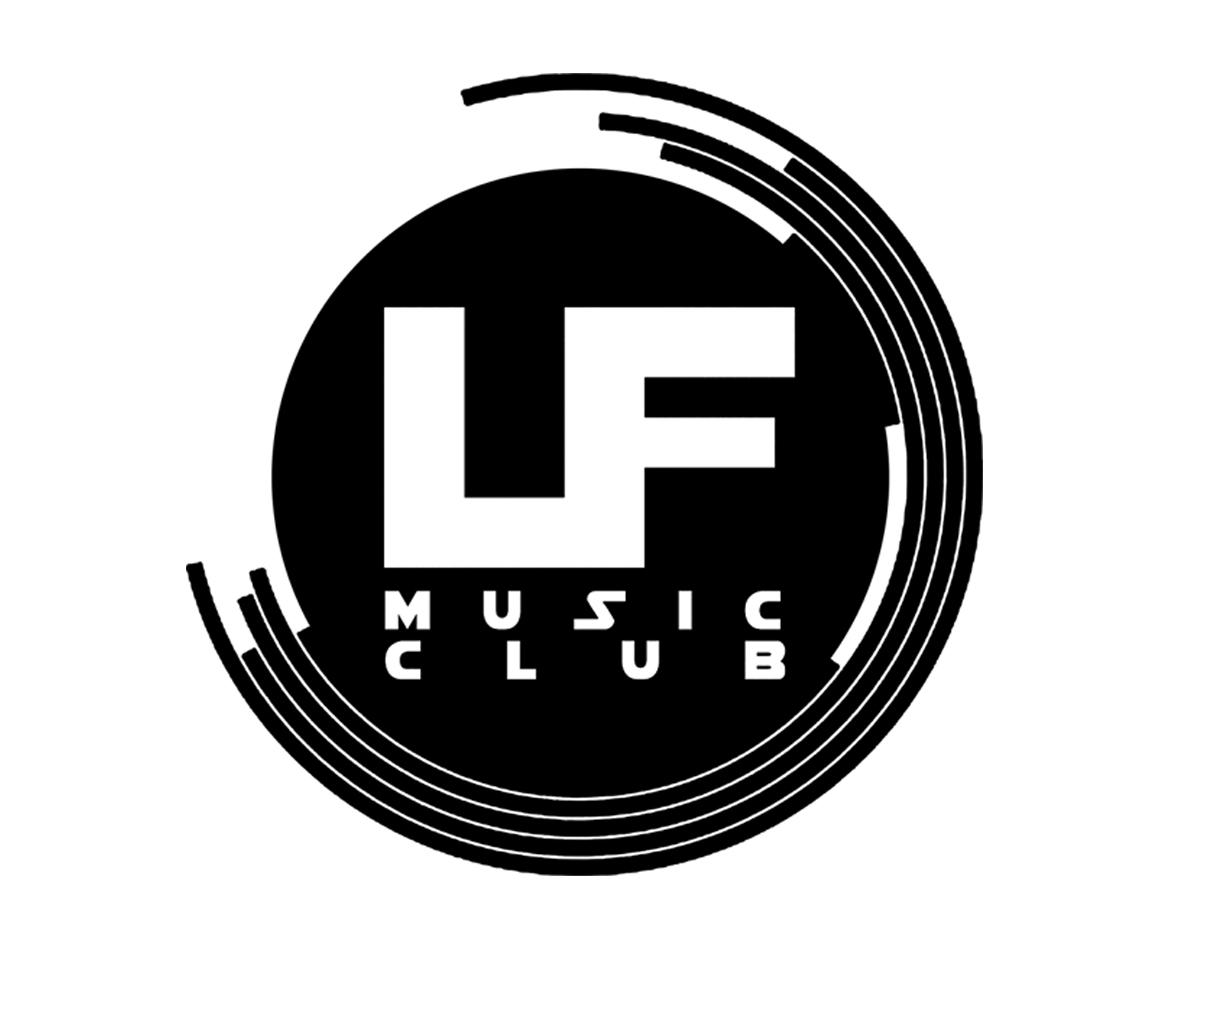 LF Music Club